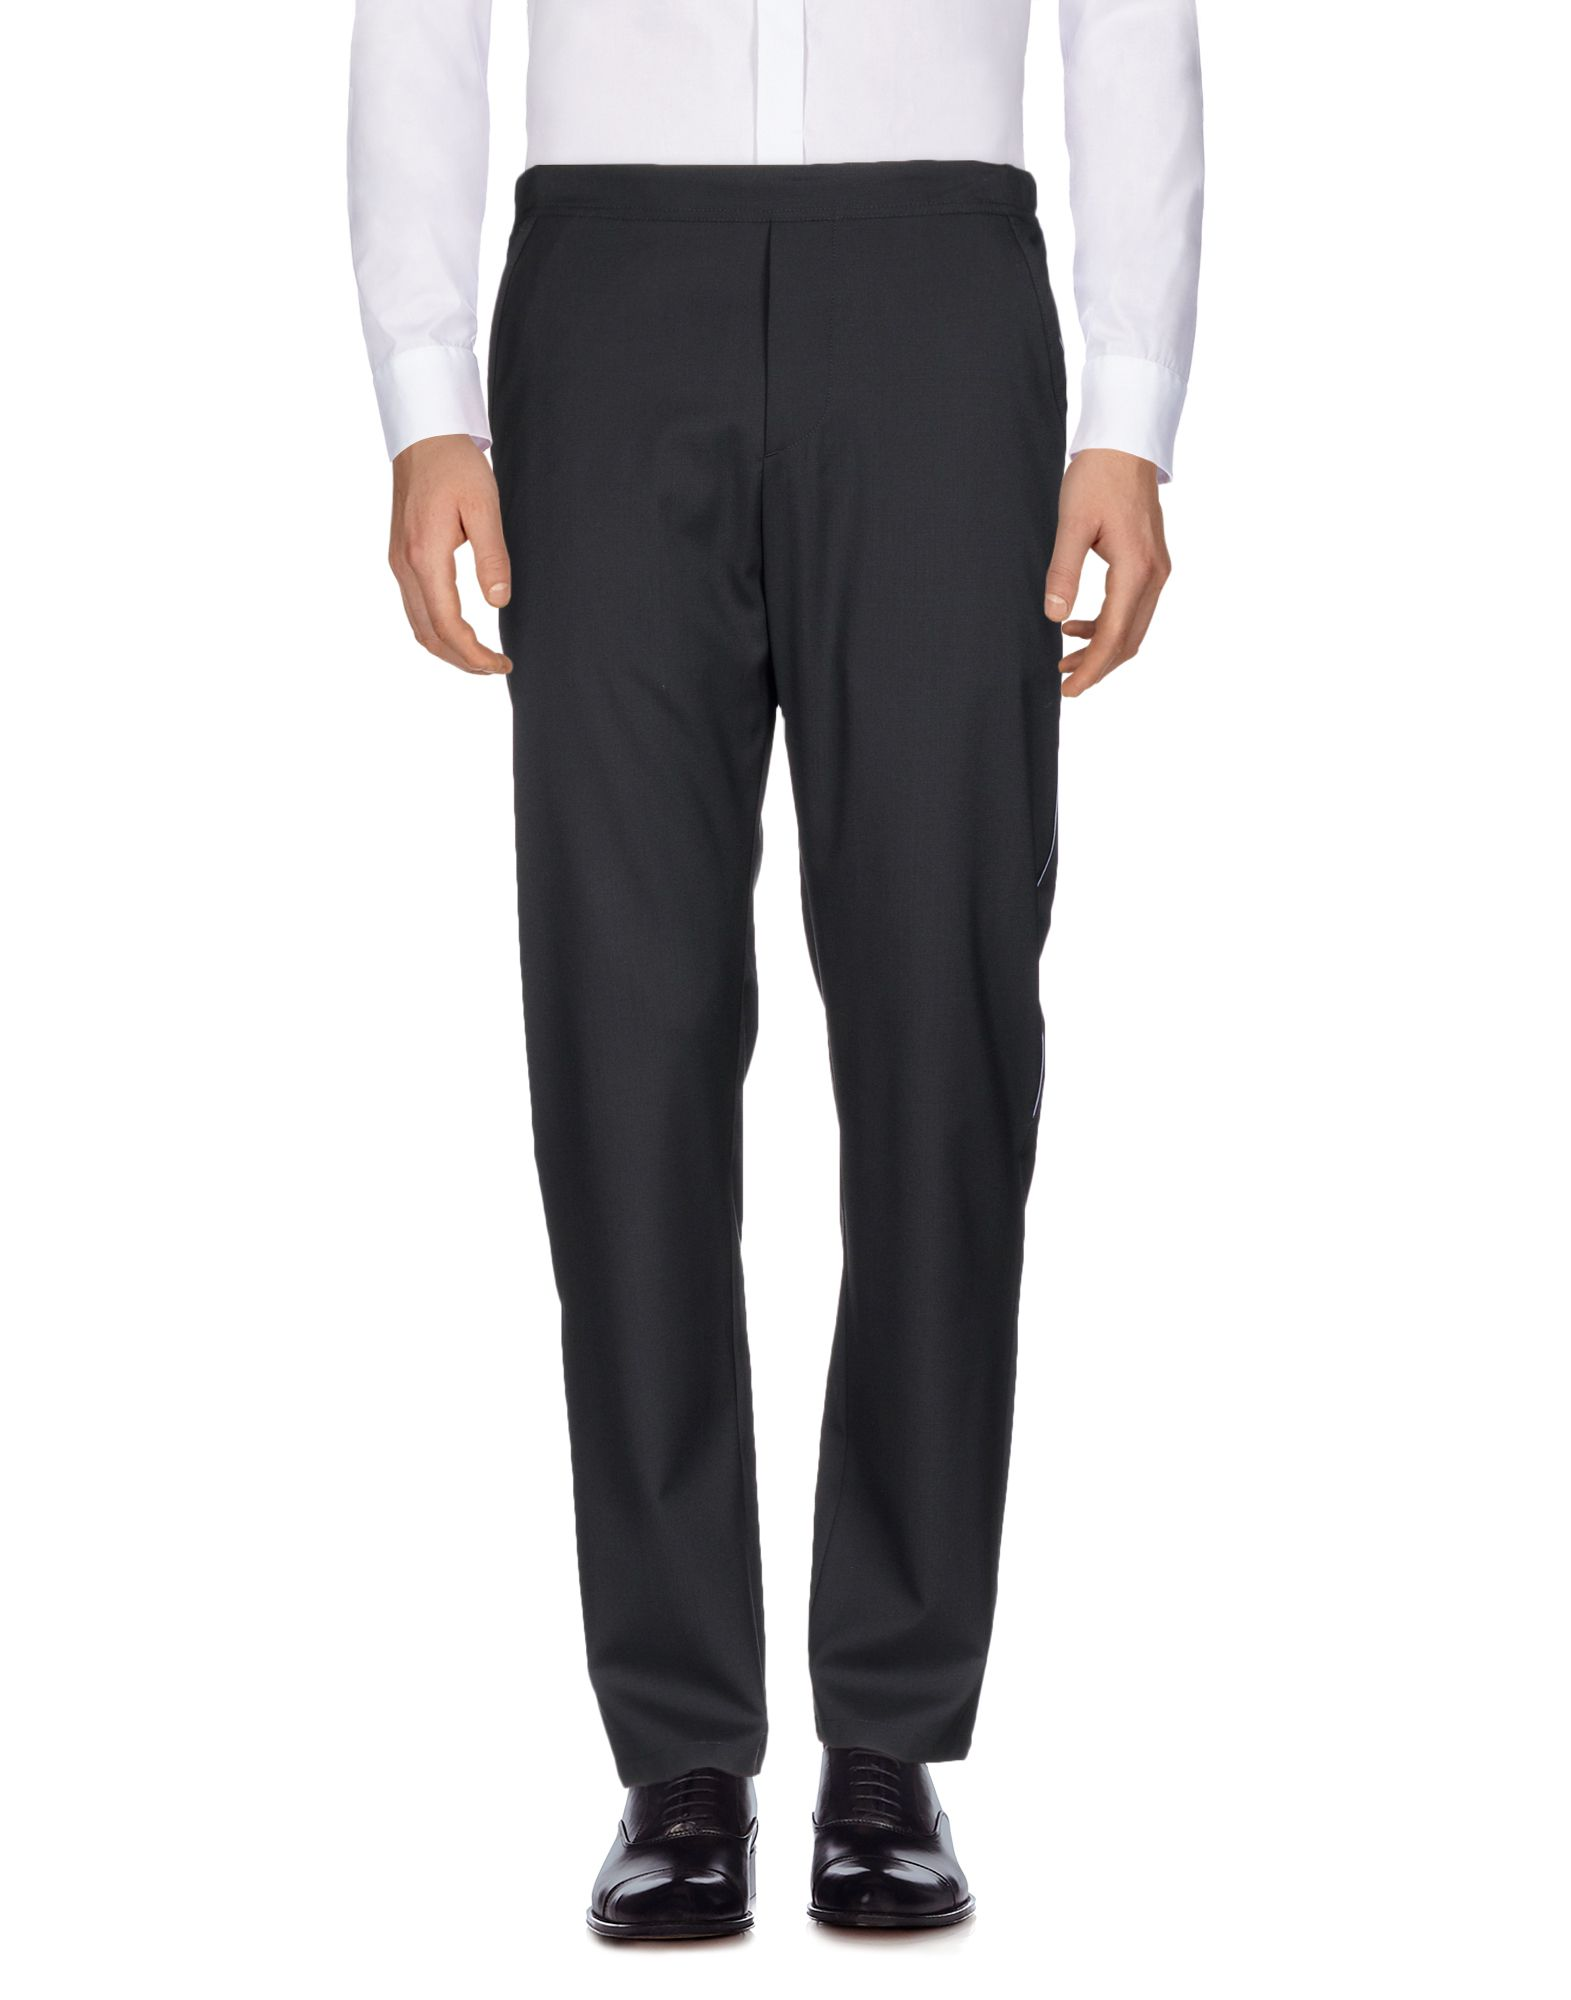 Pantalone Oamc Donna - Acquista online su